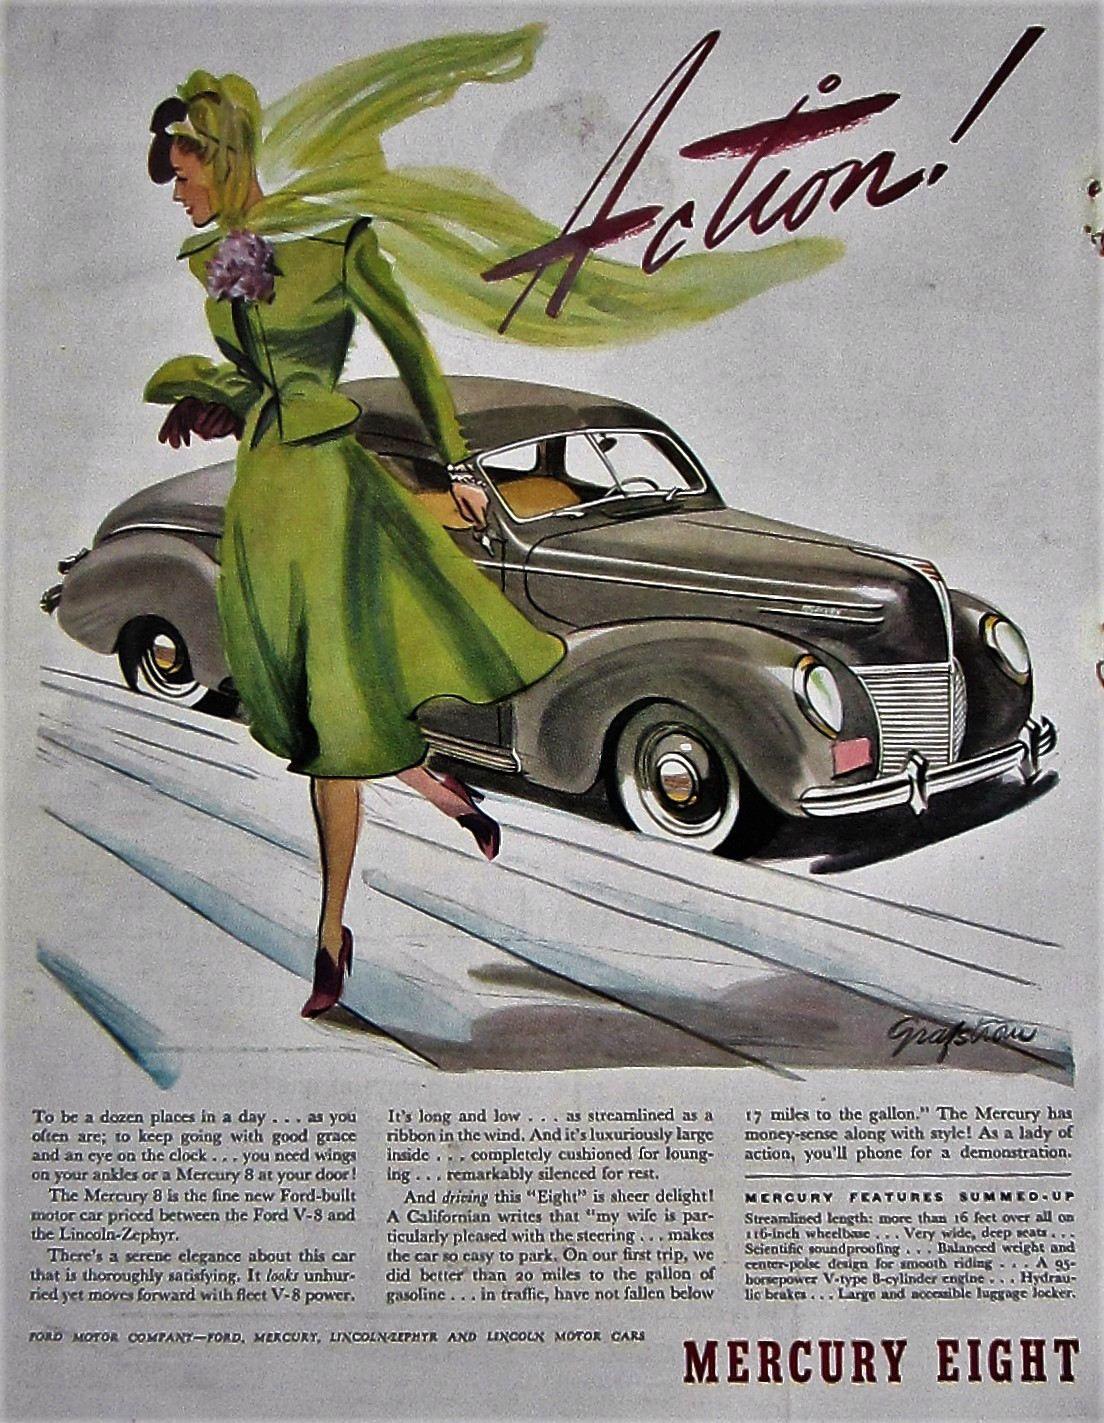 1939 Mercury Eight Automobile Vintage